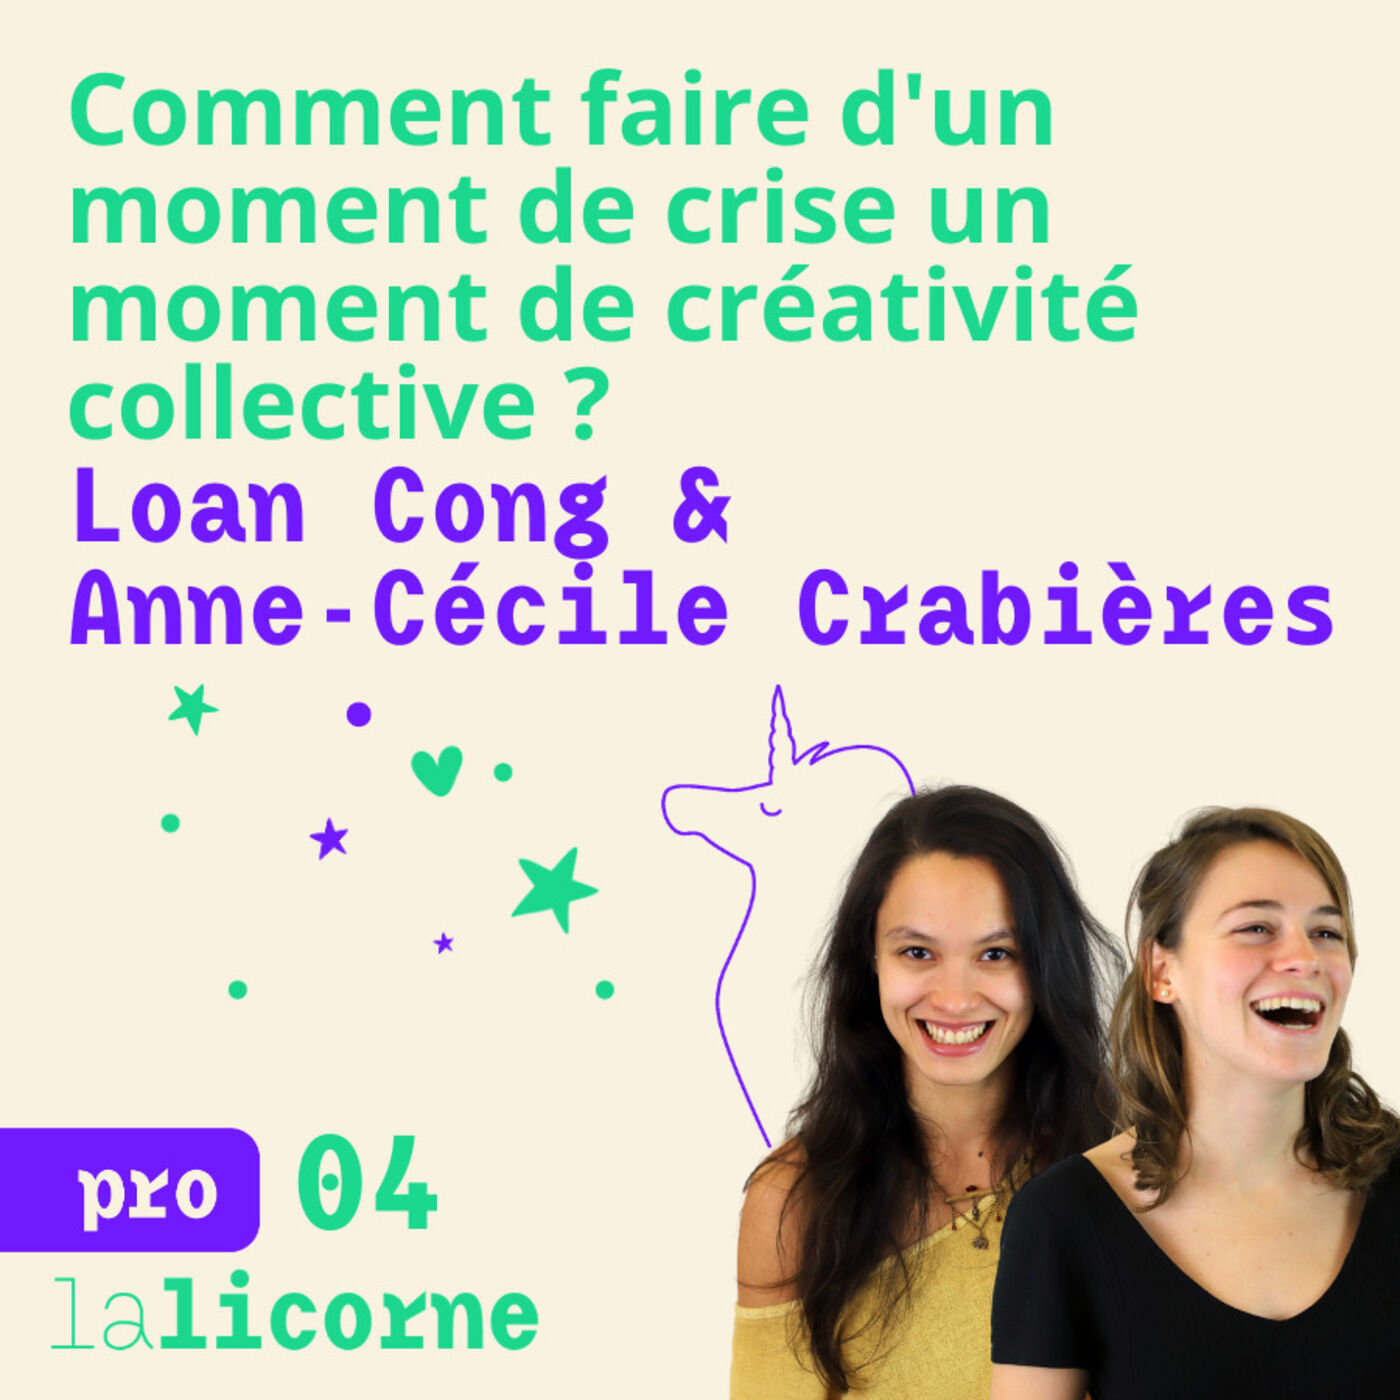 Episode 4 - Pro 💡 Loan Cong & Anne-Cécile Crabières - Comment faire d'un moment de crise un moment de créativité collective ?